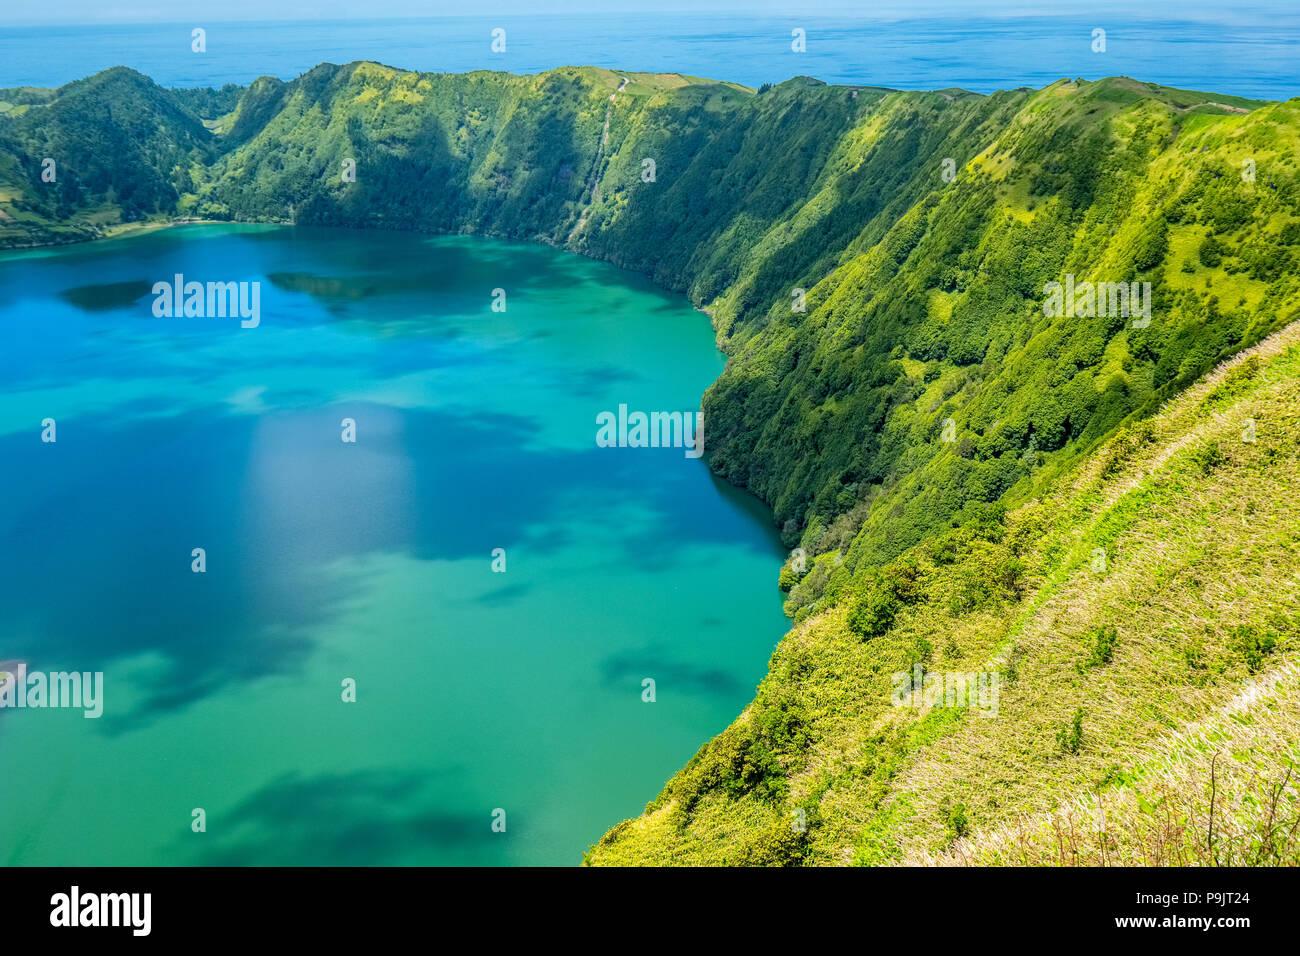 Sete Cidades, zwei Seen und ein Dorf in der ruhenden Krater eines Vulkans auf der Insel Sao Miguel, Azoren Stockbild